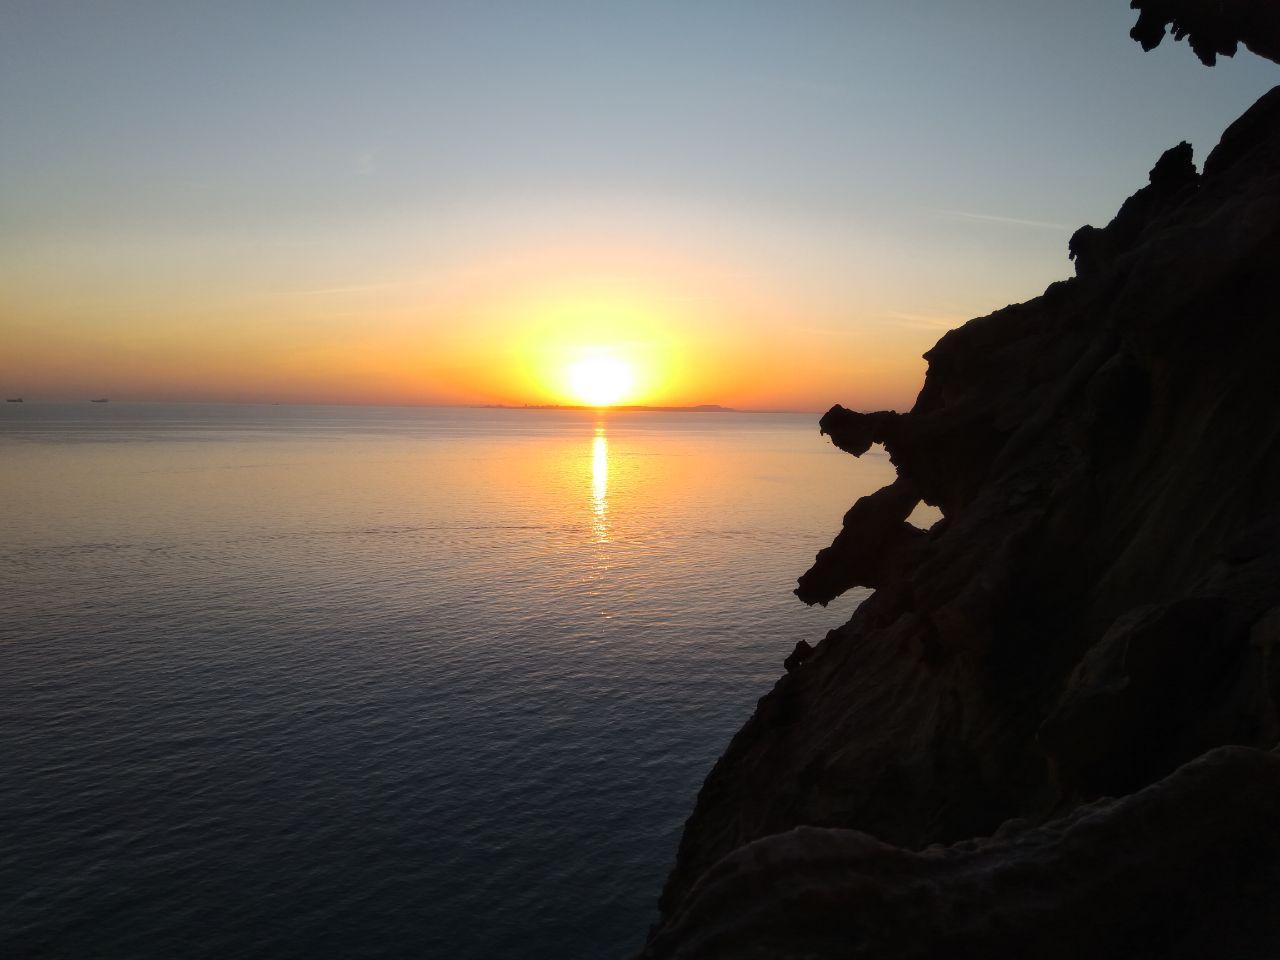 جزیره ی هرمز_دره مجسمه ها_عکس روجا فیاض